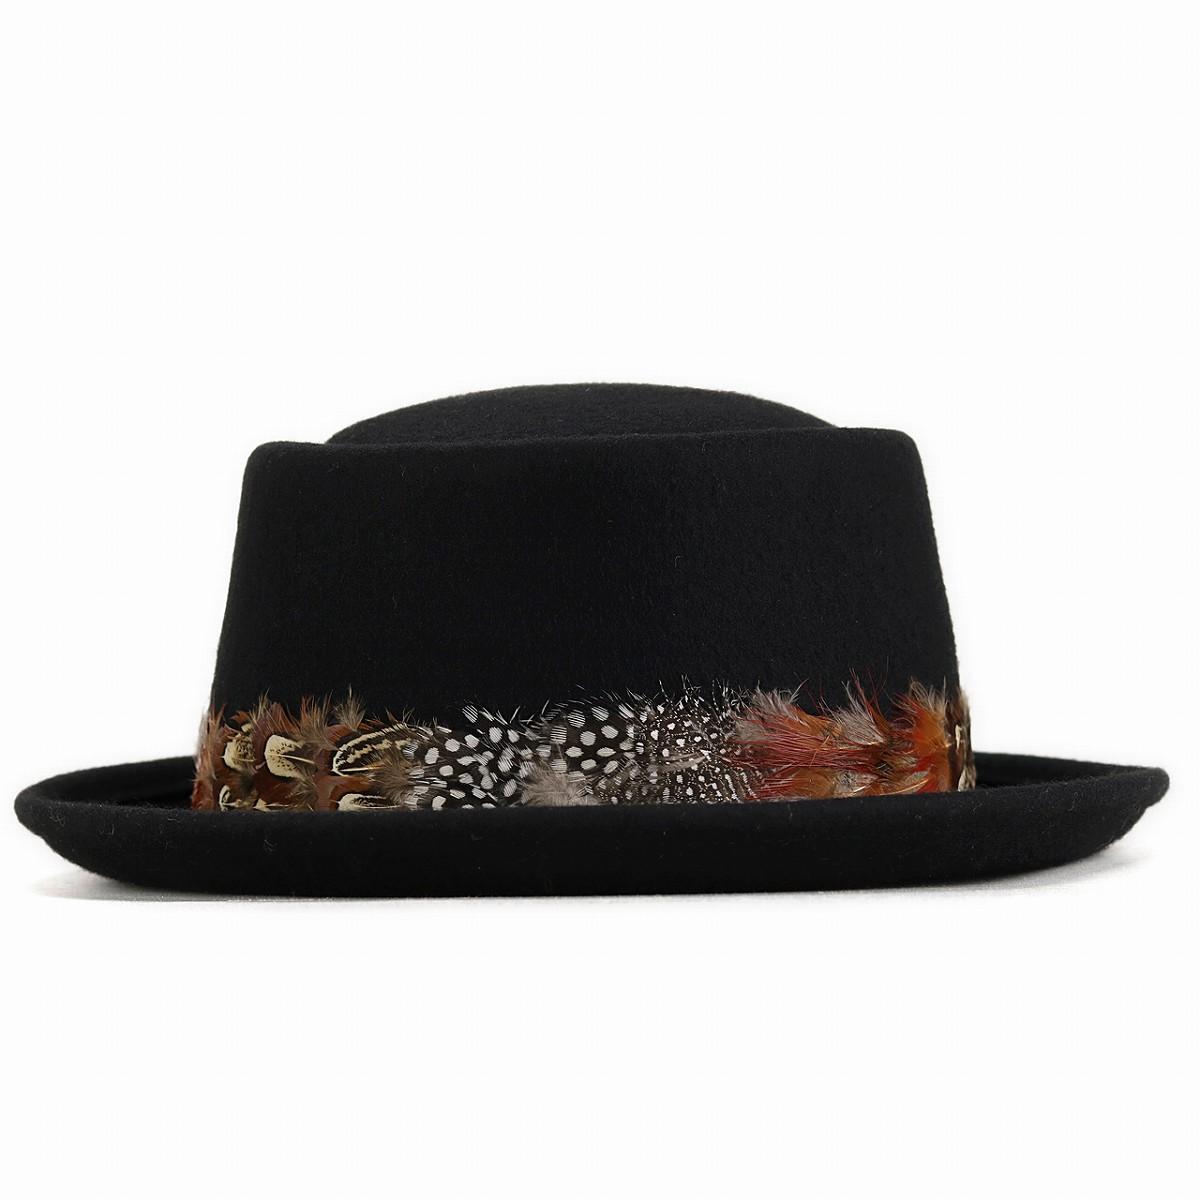 4a4cf850f60f5 It is black black GALLIANO SORBATTI pork pie software wool felt  pork-pie  hat  wool 100% 57cm 59cm 61cm in hat winter in feather winding men felt hat  autumn ...